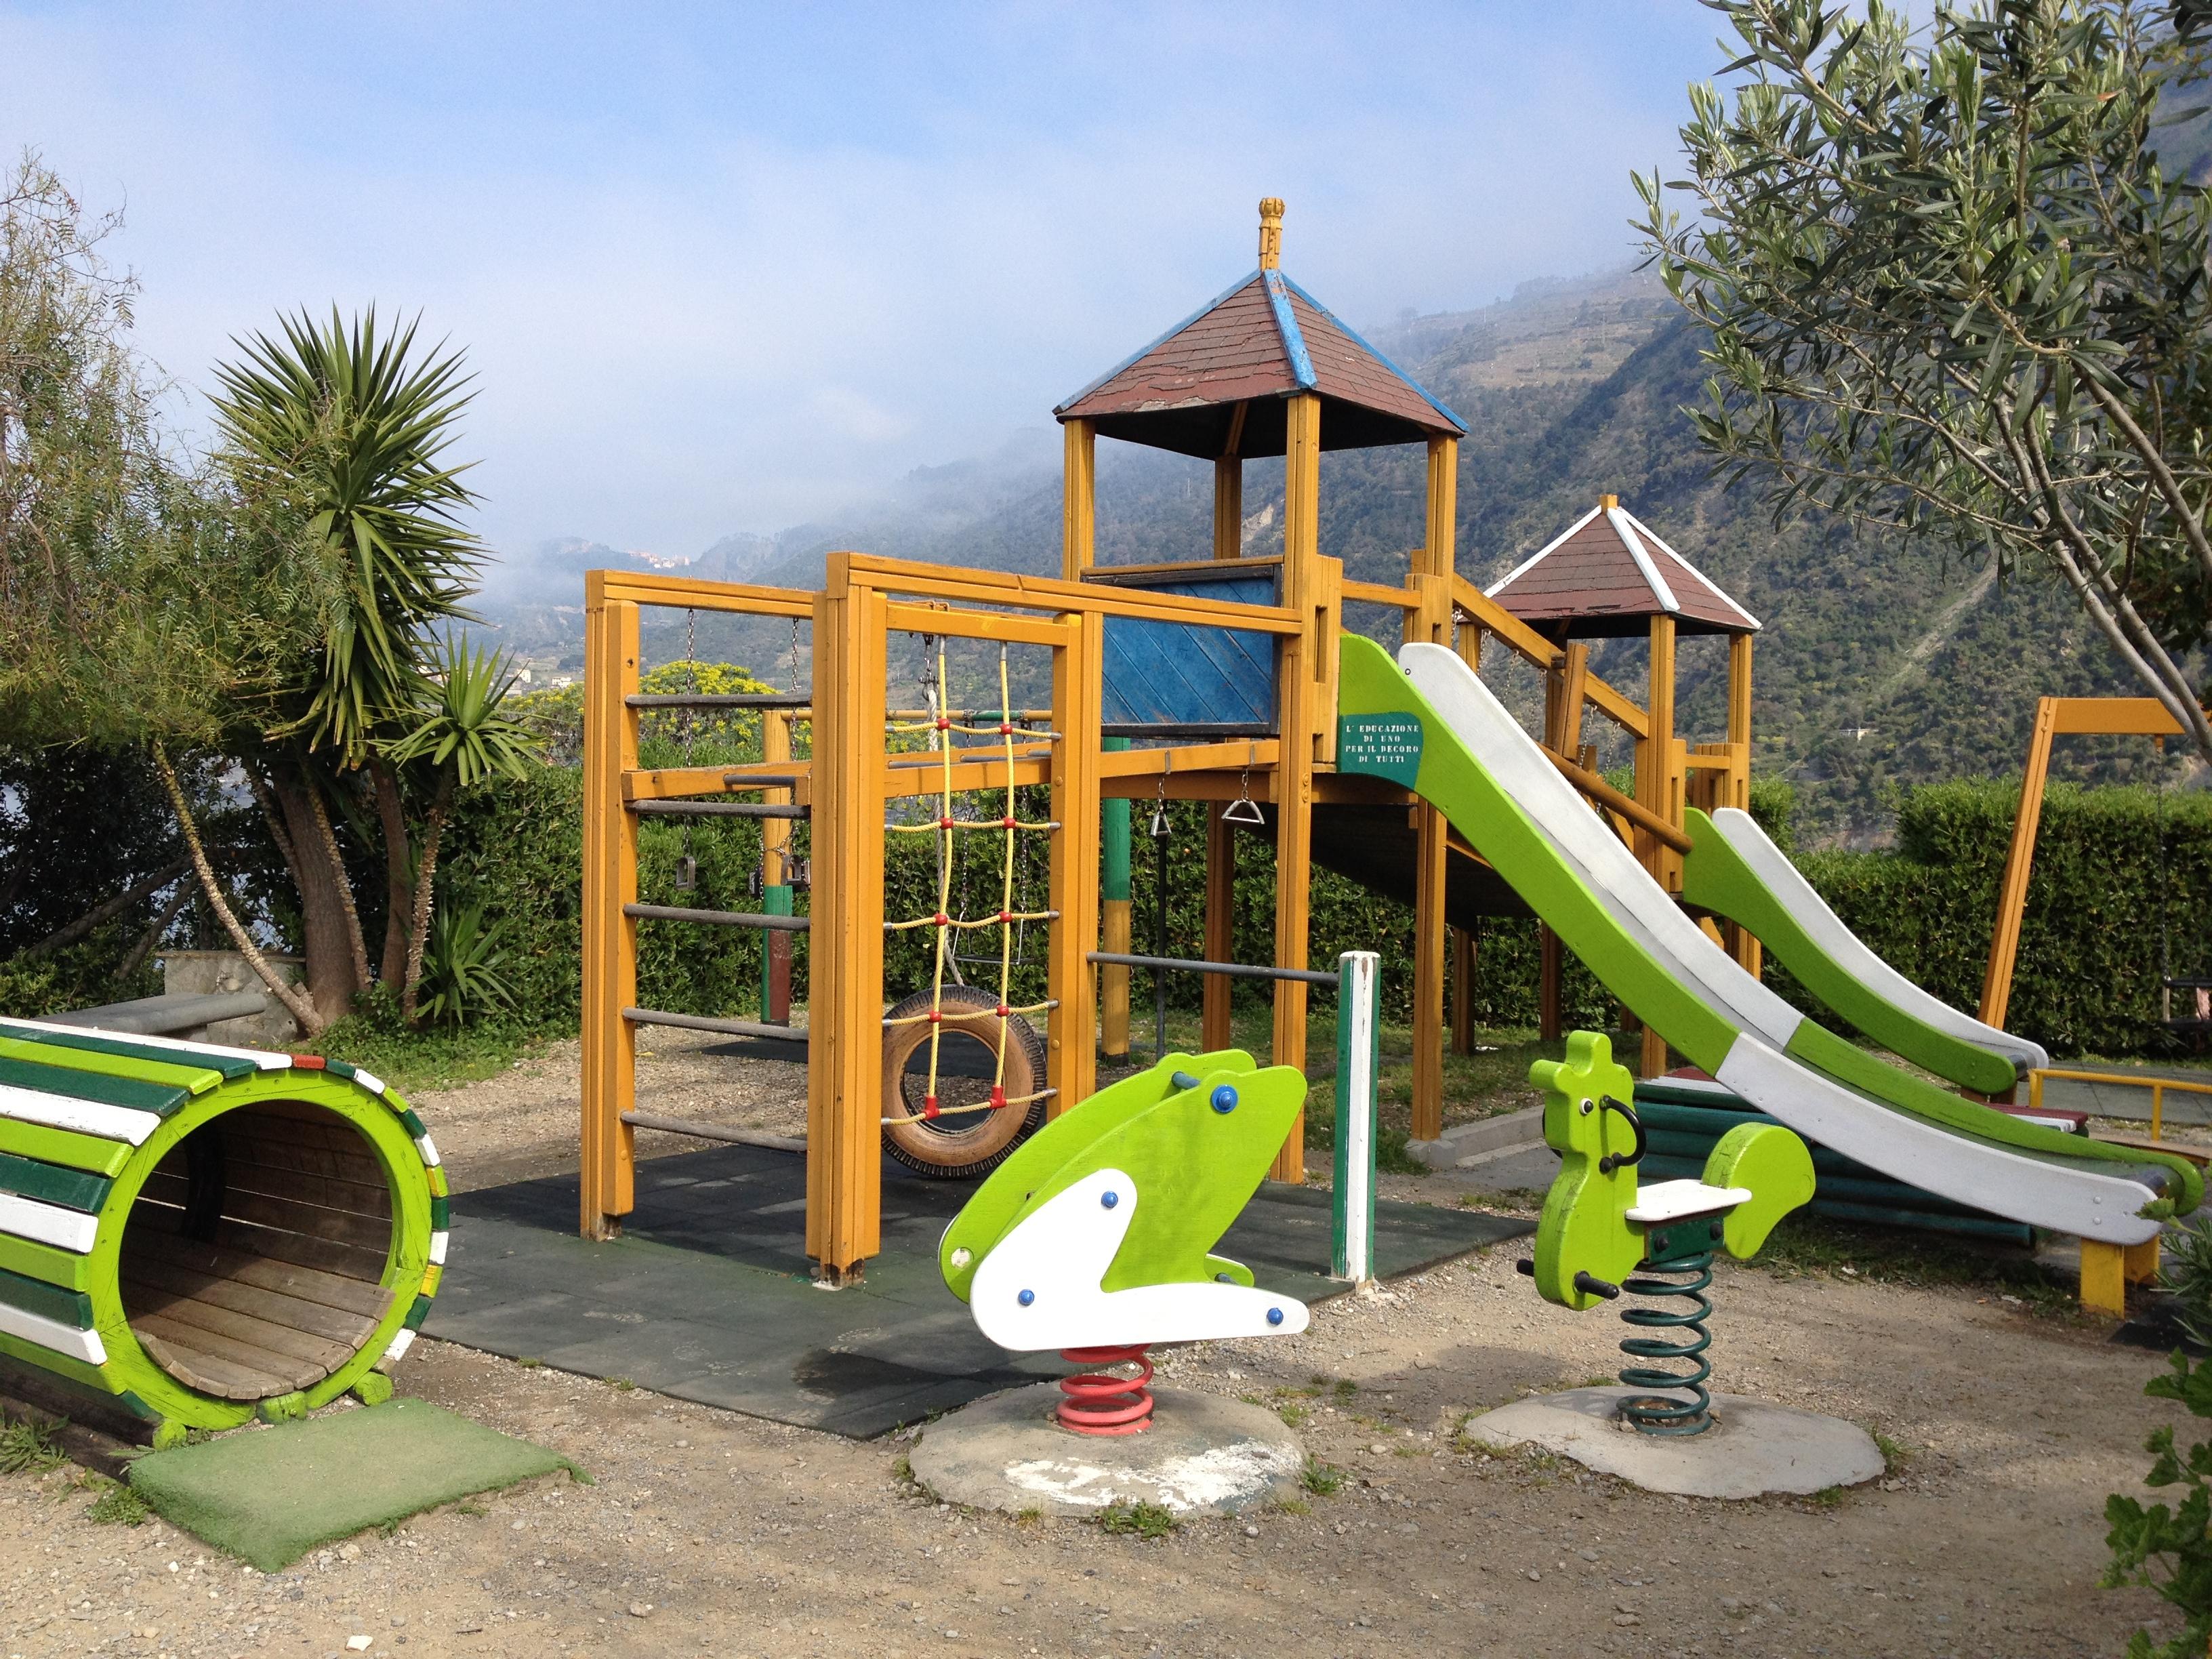 San Germano, choc vietato il parco giochi ai figli di chi non paga le tasse